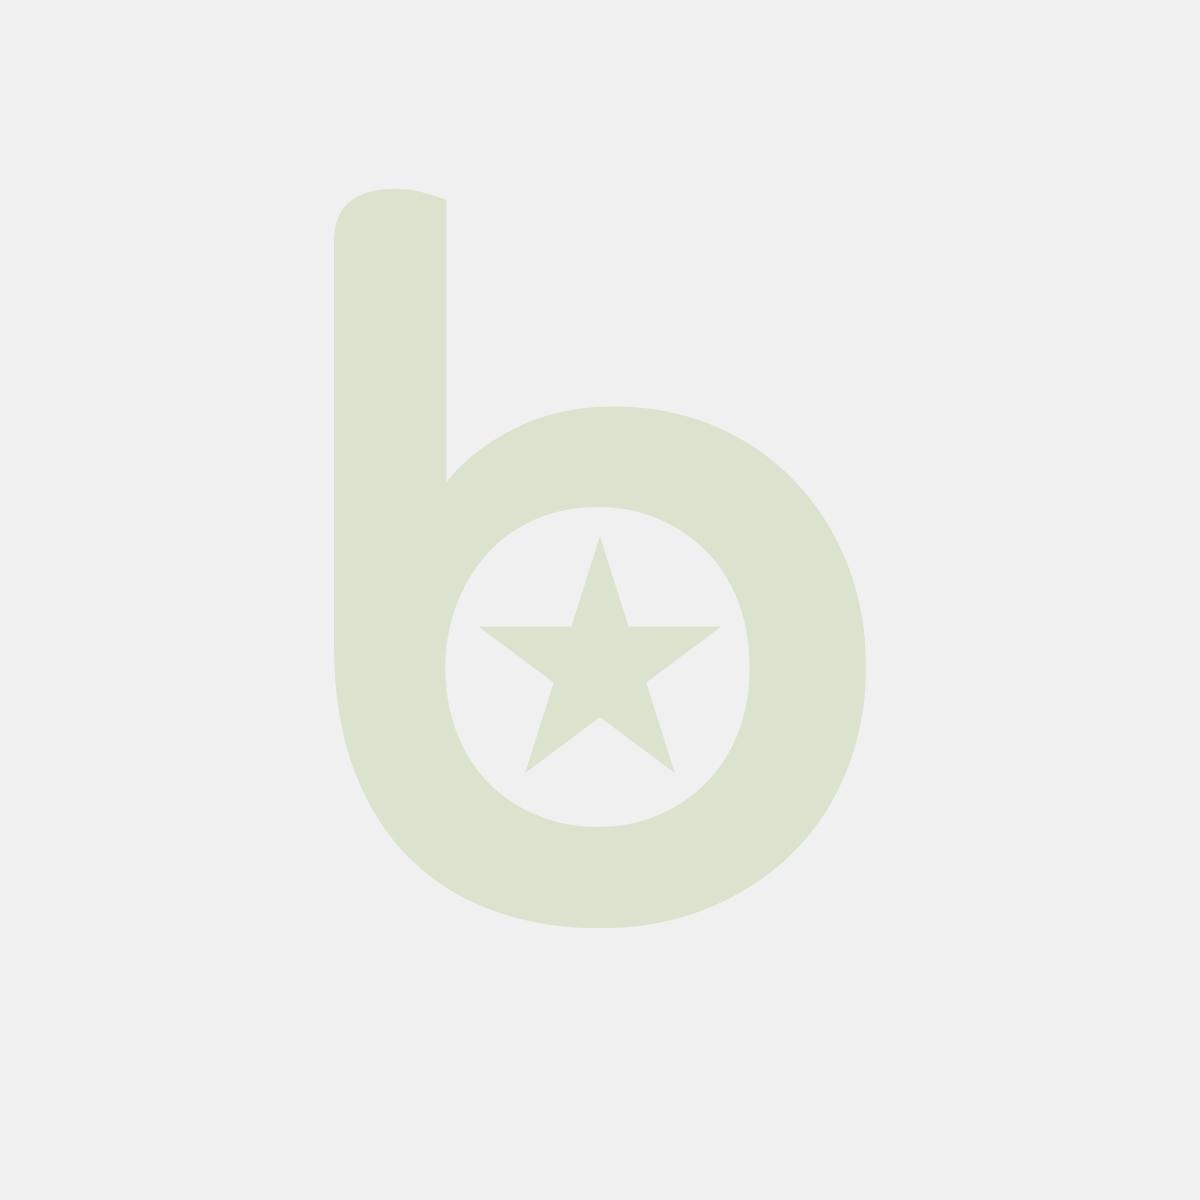 Wiaderko 3L przezroczyste z plombą, cena za opakowanie 30szt (BEZ POKRYWEK)